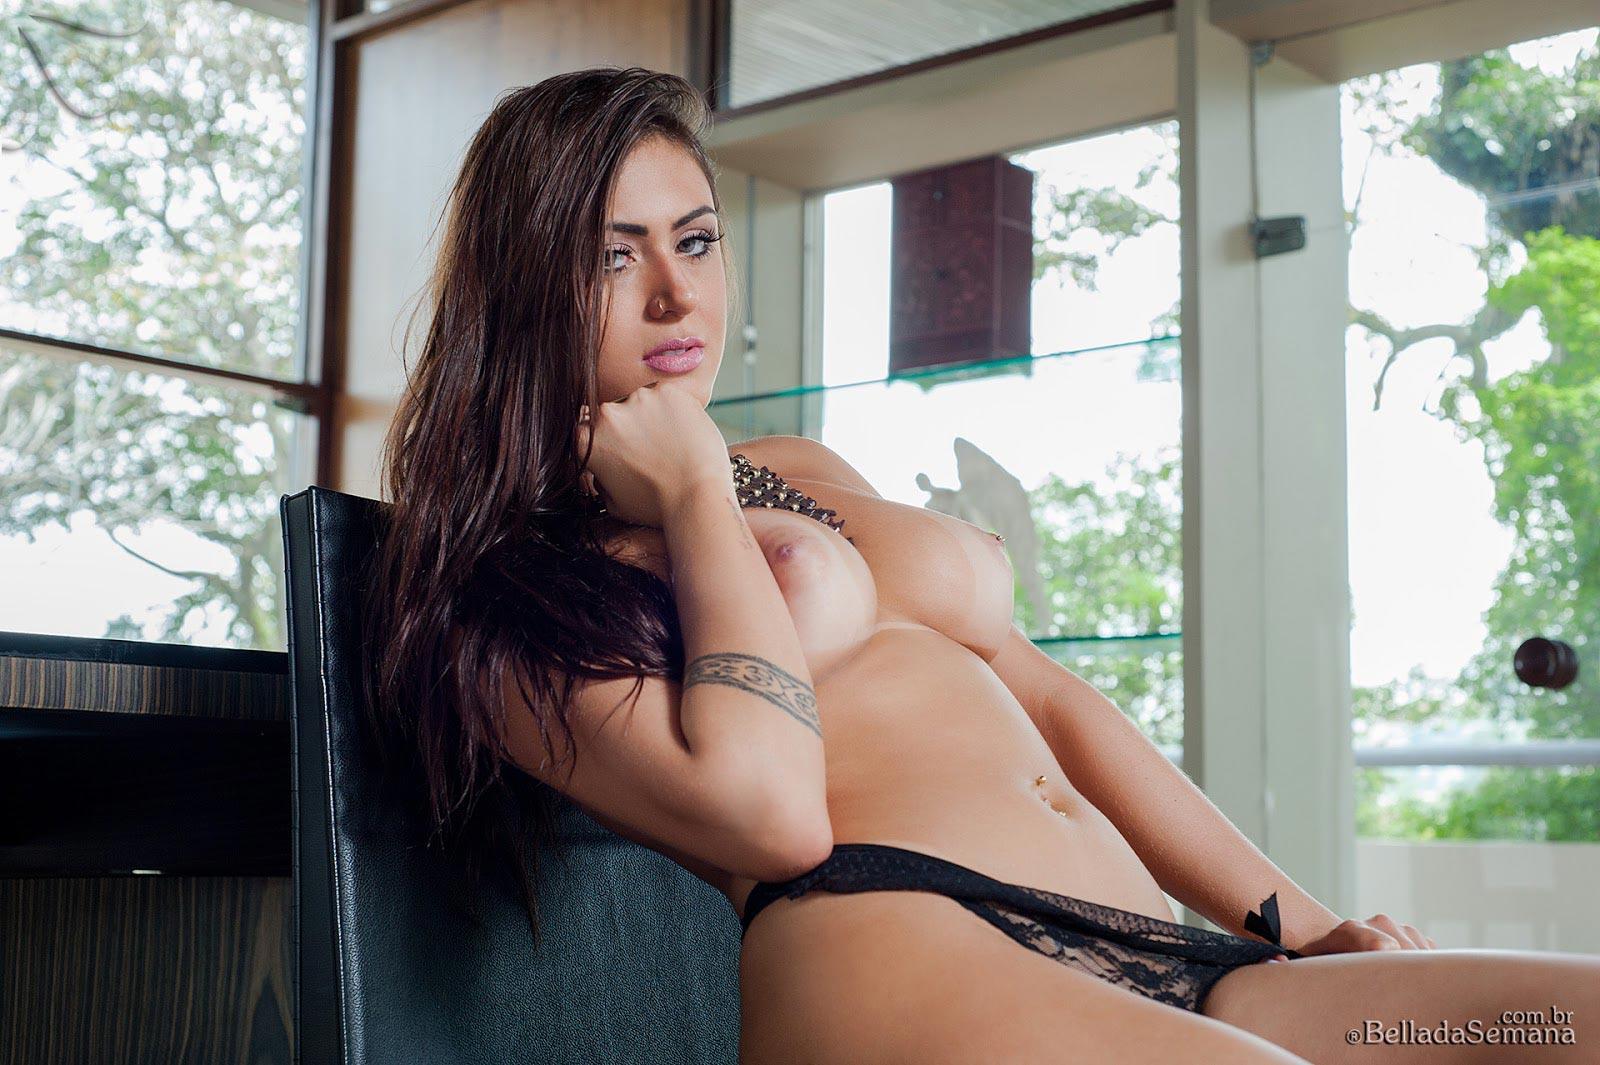 Amanda Maquellen Nua download sex pics bella da semana amanda maquellen 00572